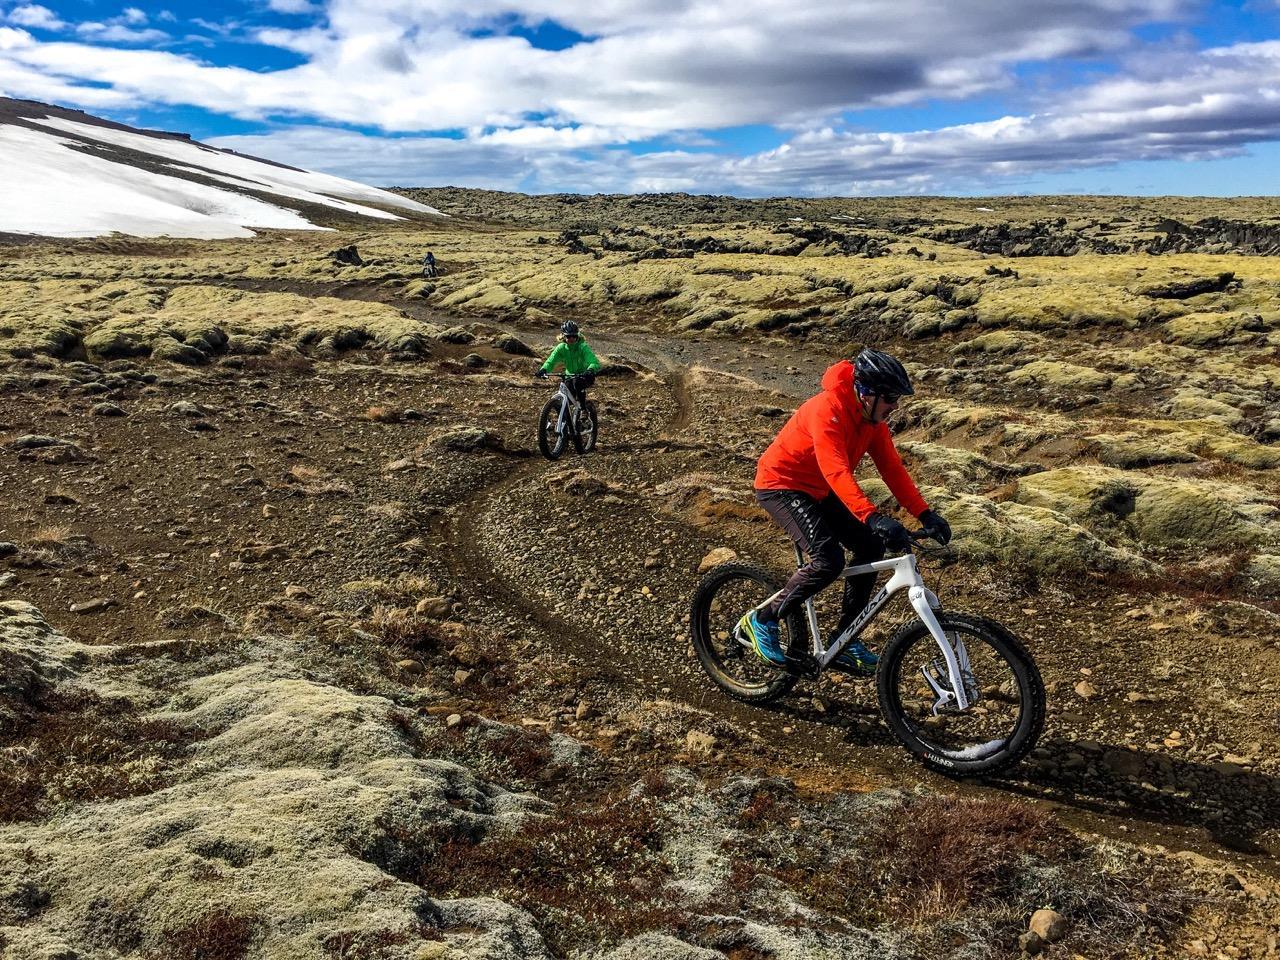 冰岛西南部雷克亚内斯半岛有大量冰岛特色地貌,是骑自行车游览的绝佳目的地